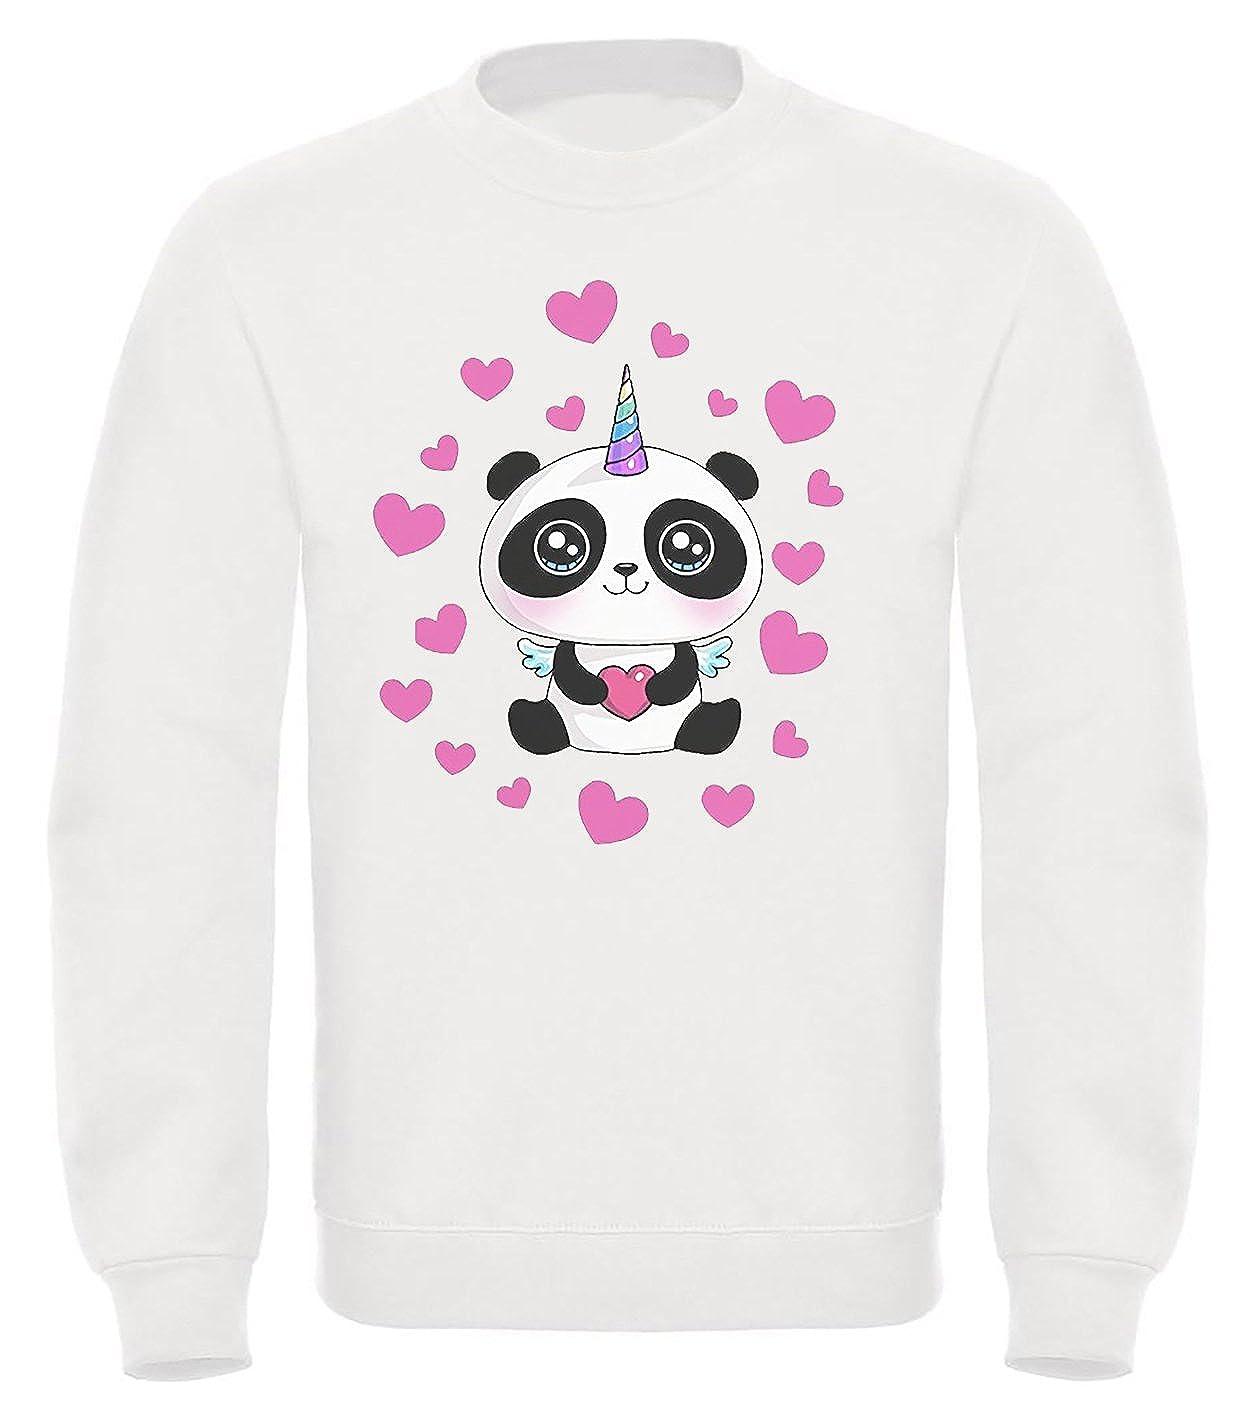 Felpa del Pandacorno - Mod. Girocollo Youtuber Italiani Panda Corno Taglie Bambino, Ragazzo, Adulti Unisex (11-12 Anni) 2231